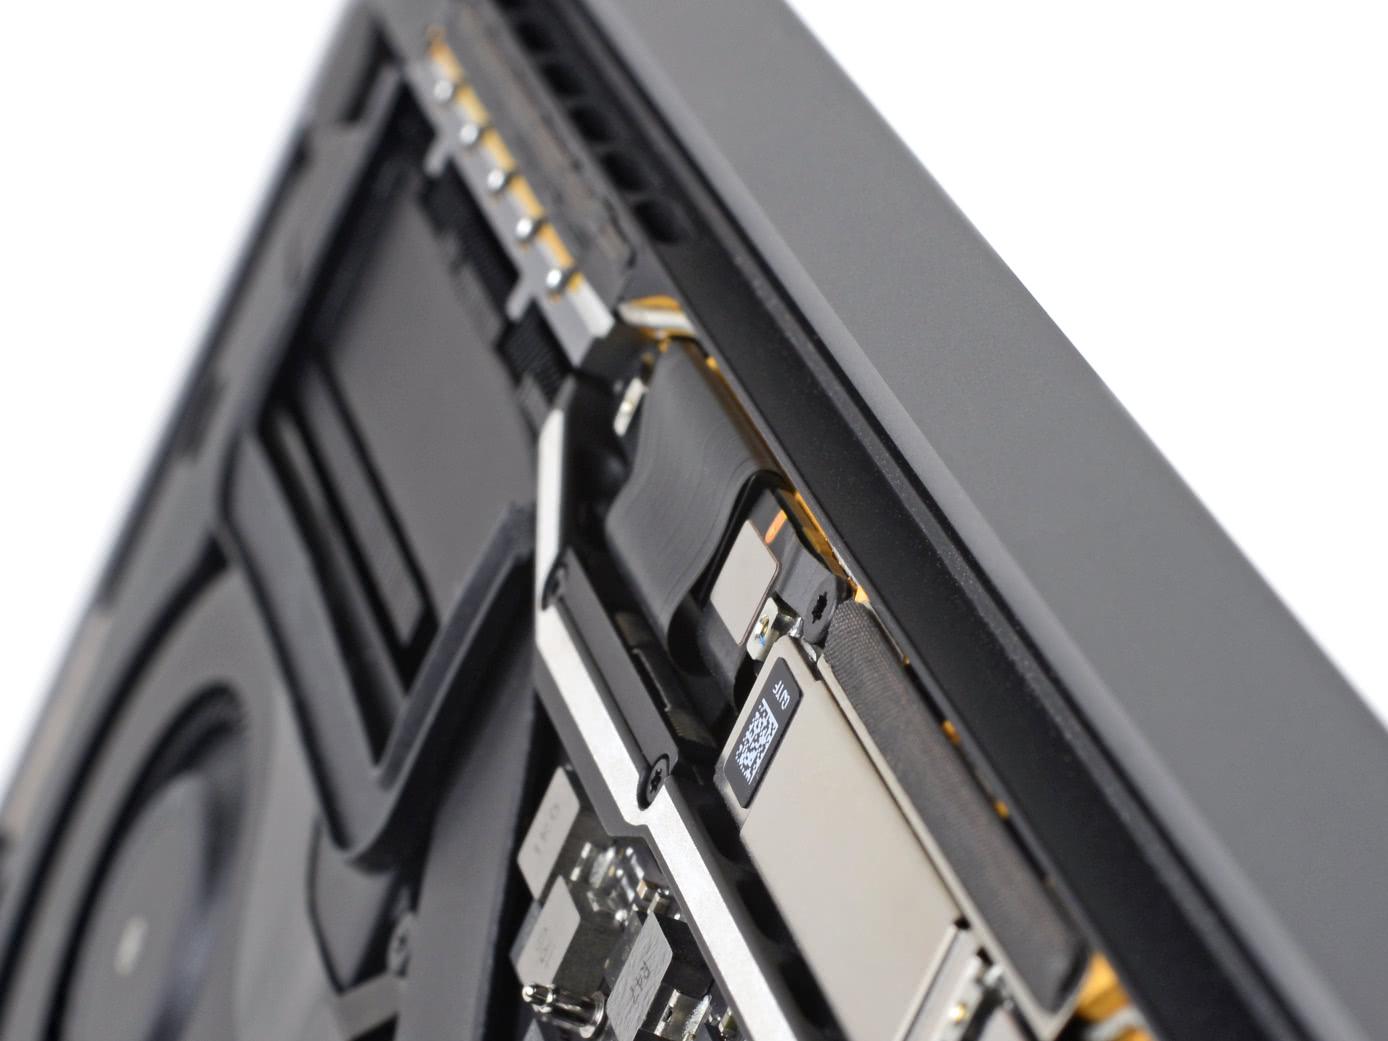 Хрупкий кабель дисплея MacBook Pro: очередная ловушка, в которую загнали себя инженеры Apple - 1